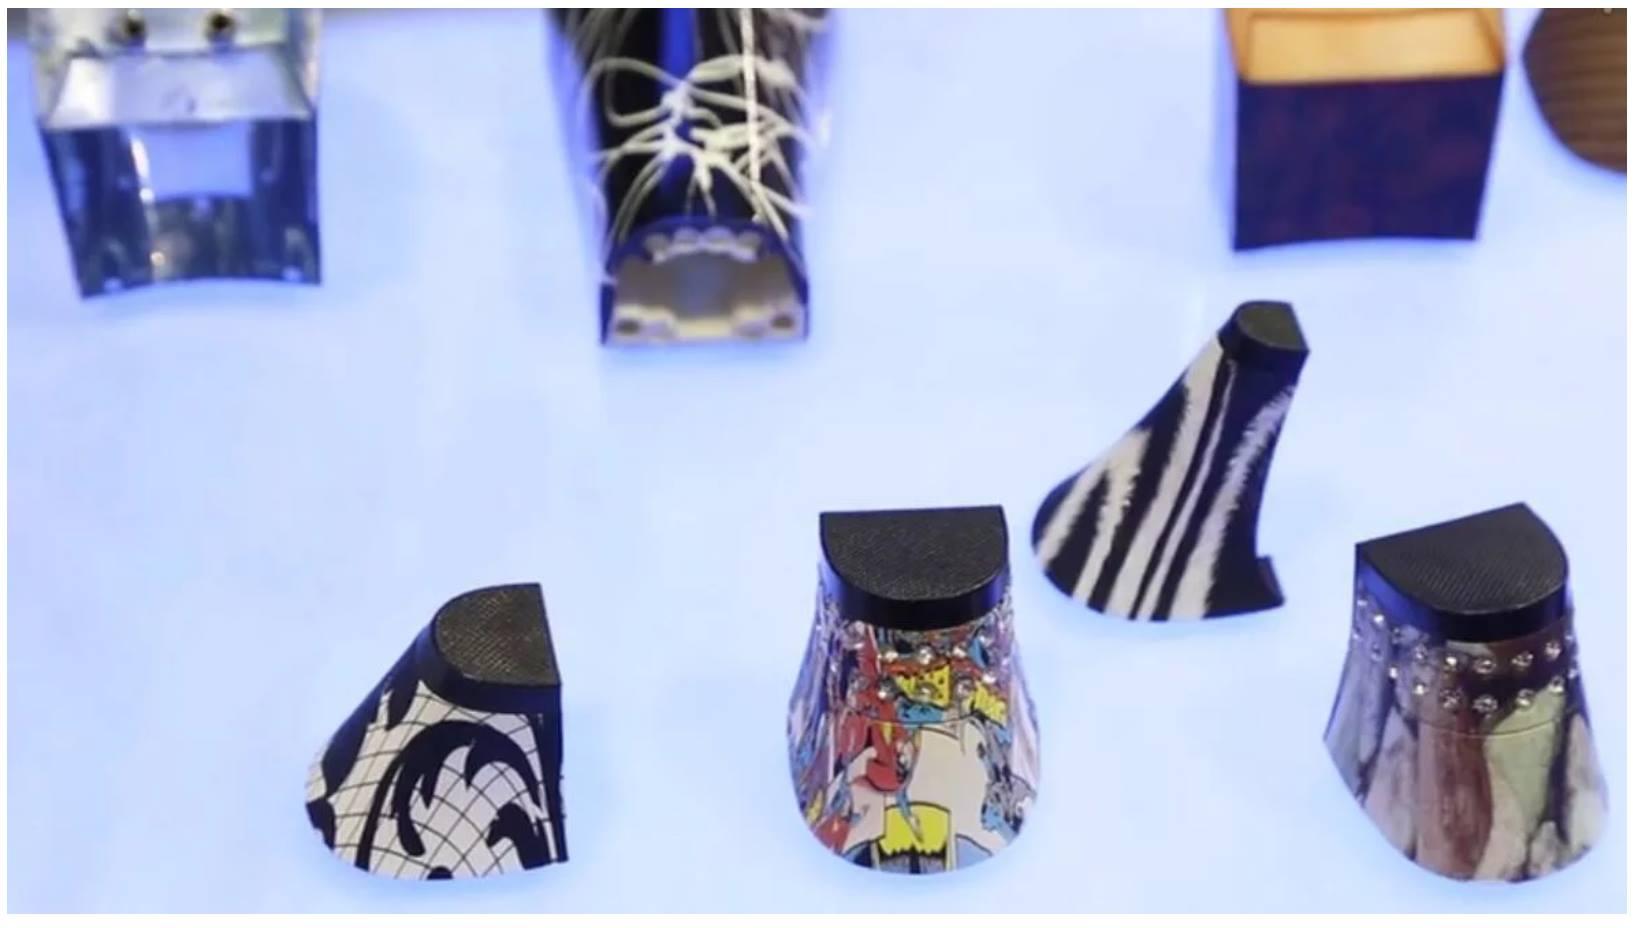 Phát triển R&D giày cao gót nhờ công nghệ quét 3d và in 3d. Sử dụng máy quét 3D Einscan Pro Plus - Industrial Pack và máy in 3d SLA để nghiên cứu việc này.